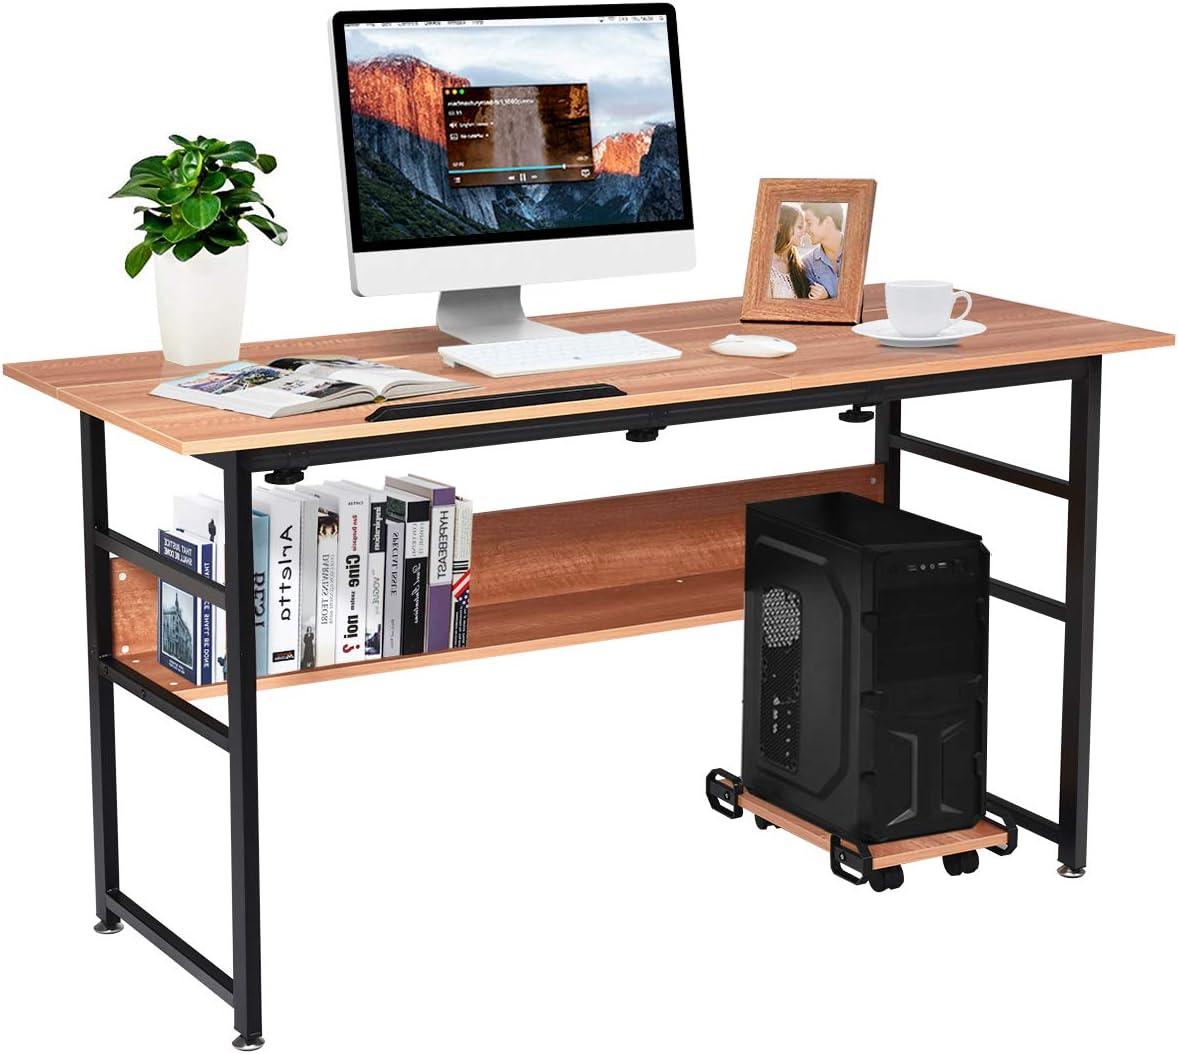 Tangkula 55 Computer Desk, Drafting Desk w Storage Shelf CPU Stand, Craft Workstation w Tiltable Desktop for Artist, Home Office Desk Walnut